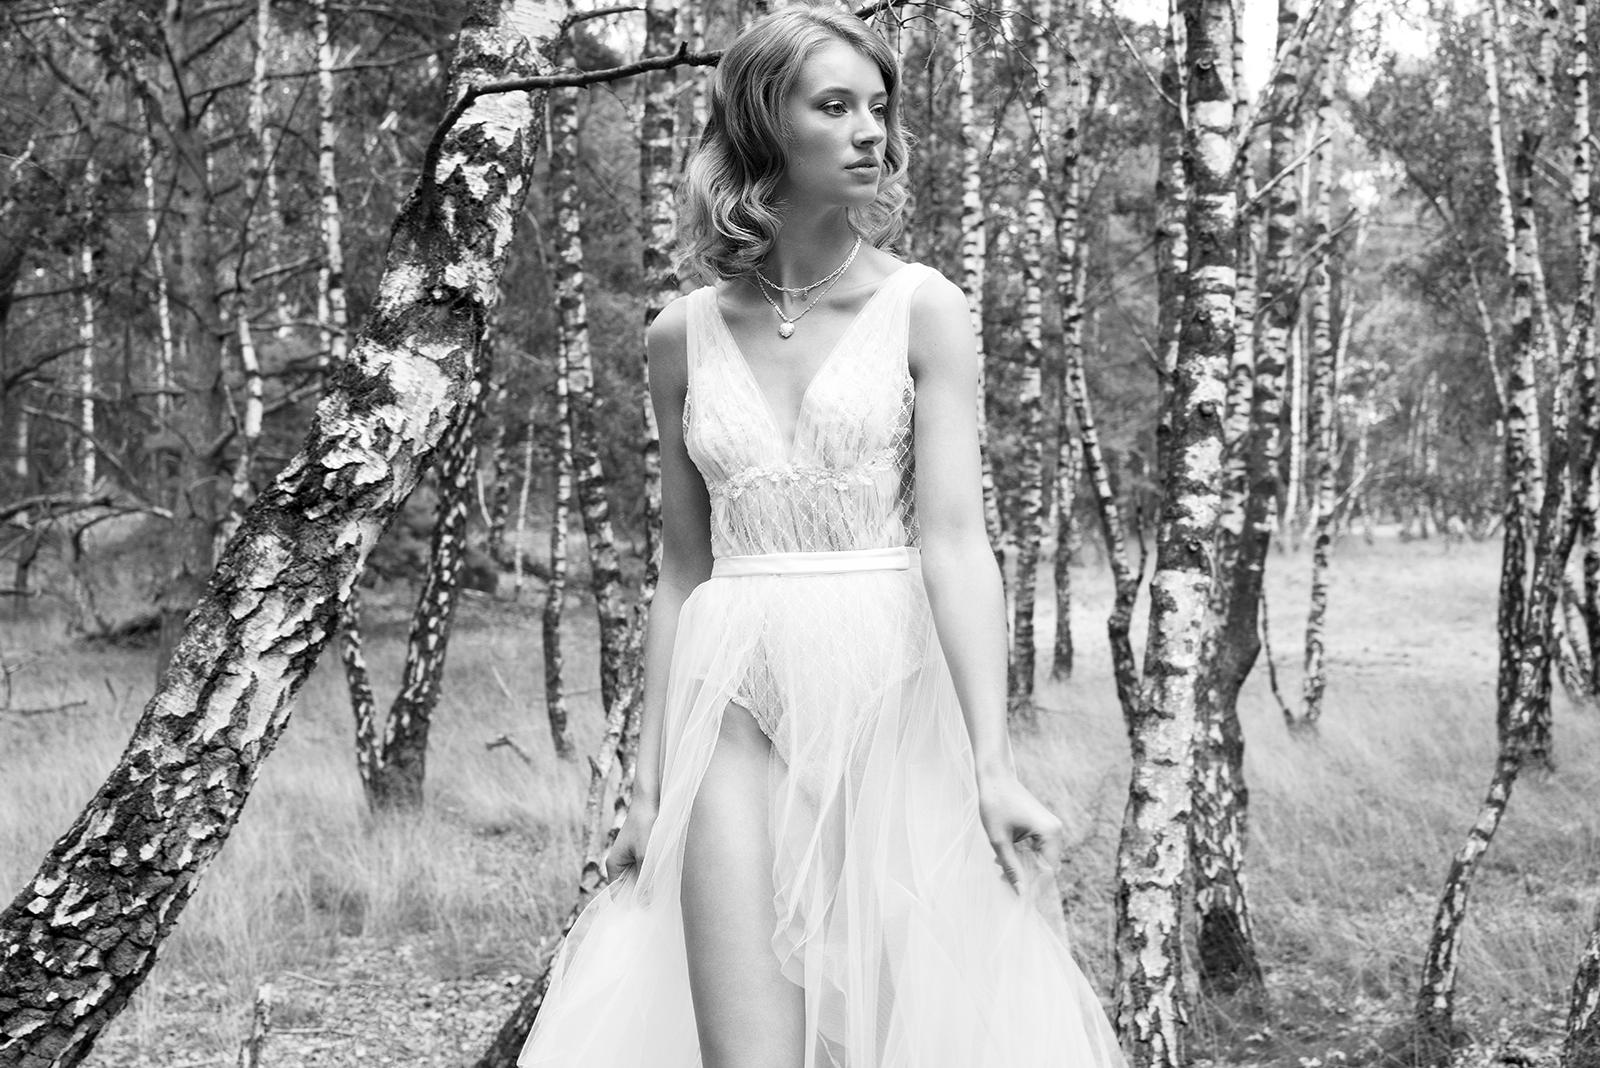 Blonde Frau trägt ein weißes Brautkleid bestehend aus Tüllrock und Tüllbody.